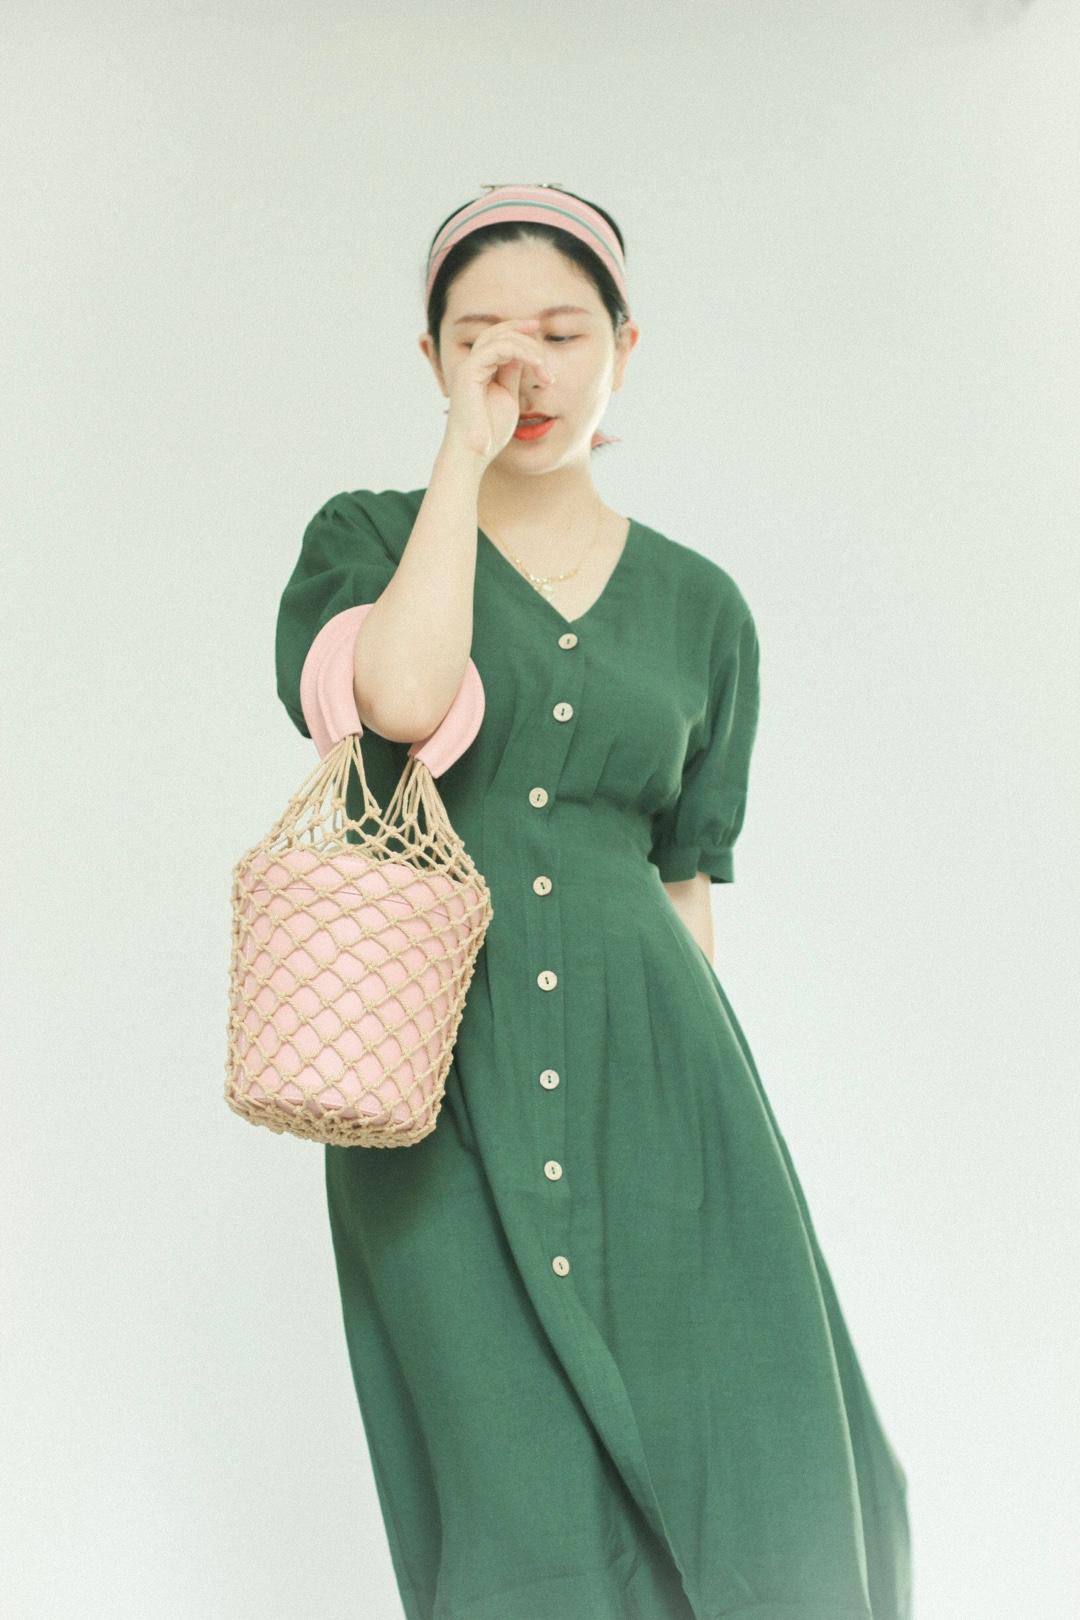 #盘点对梨形身材友好的裙子#  当绿色遇到粉色 初夏的浪漫际遇~ 这条法式复古连衣裙,棉麻质感非常高级,收腰效果很好,还能遮住拜拜肉 木质扣子很特别,更显质感和设计的独到 粉色丝巾、篮子包,搭配在一起很特别,优雅又有一点清新呢~